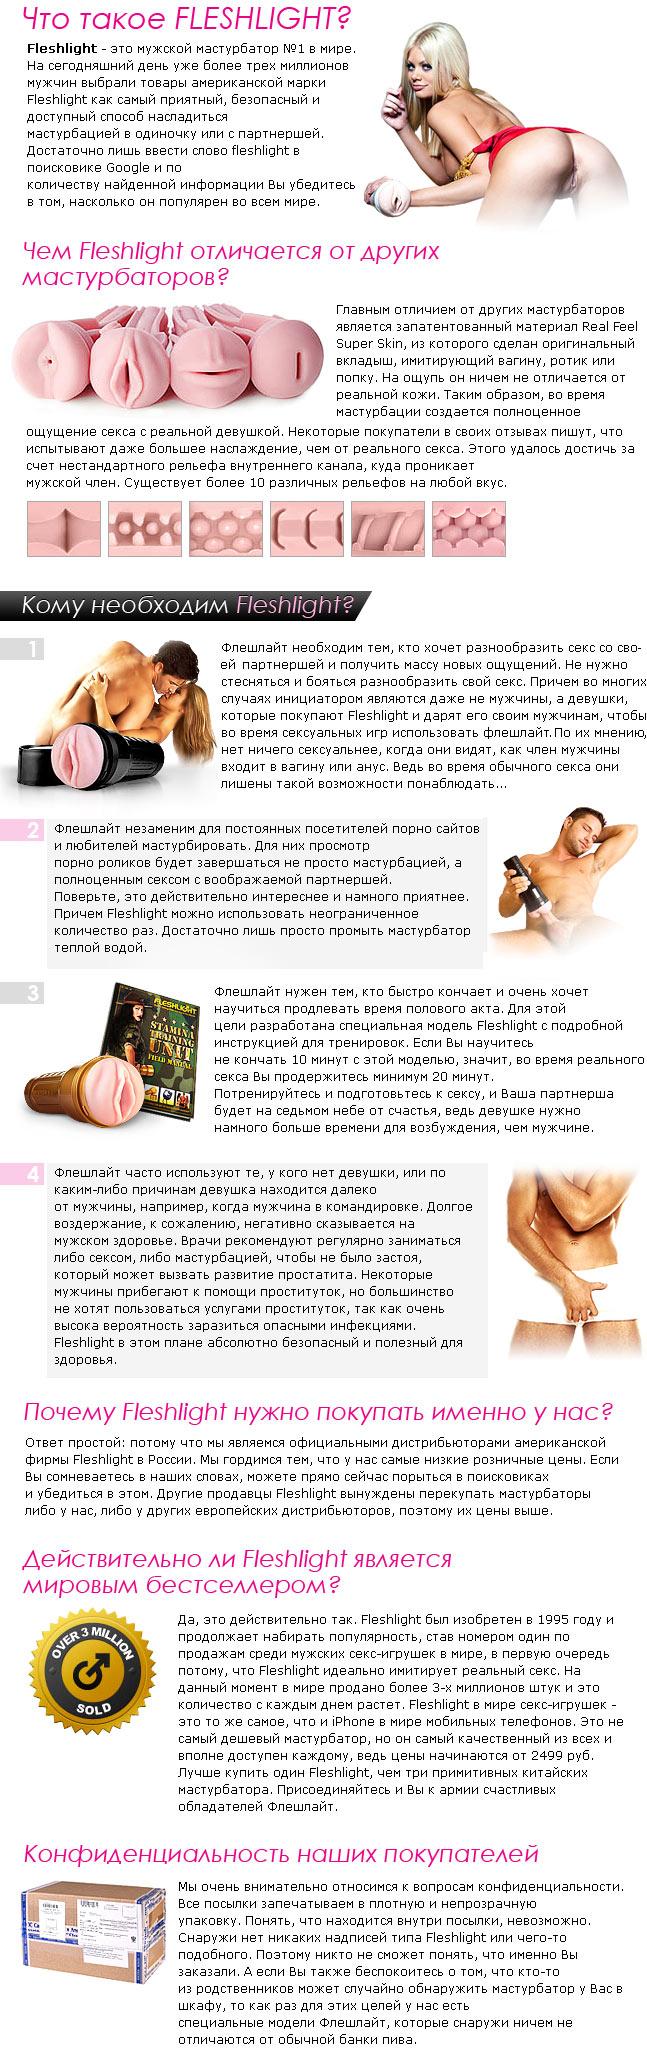 Чем можно заразится при мастурбации 24 фотография